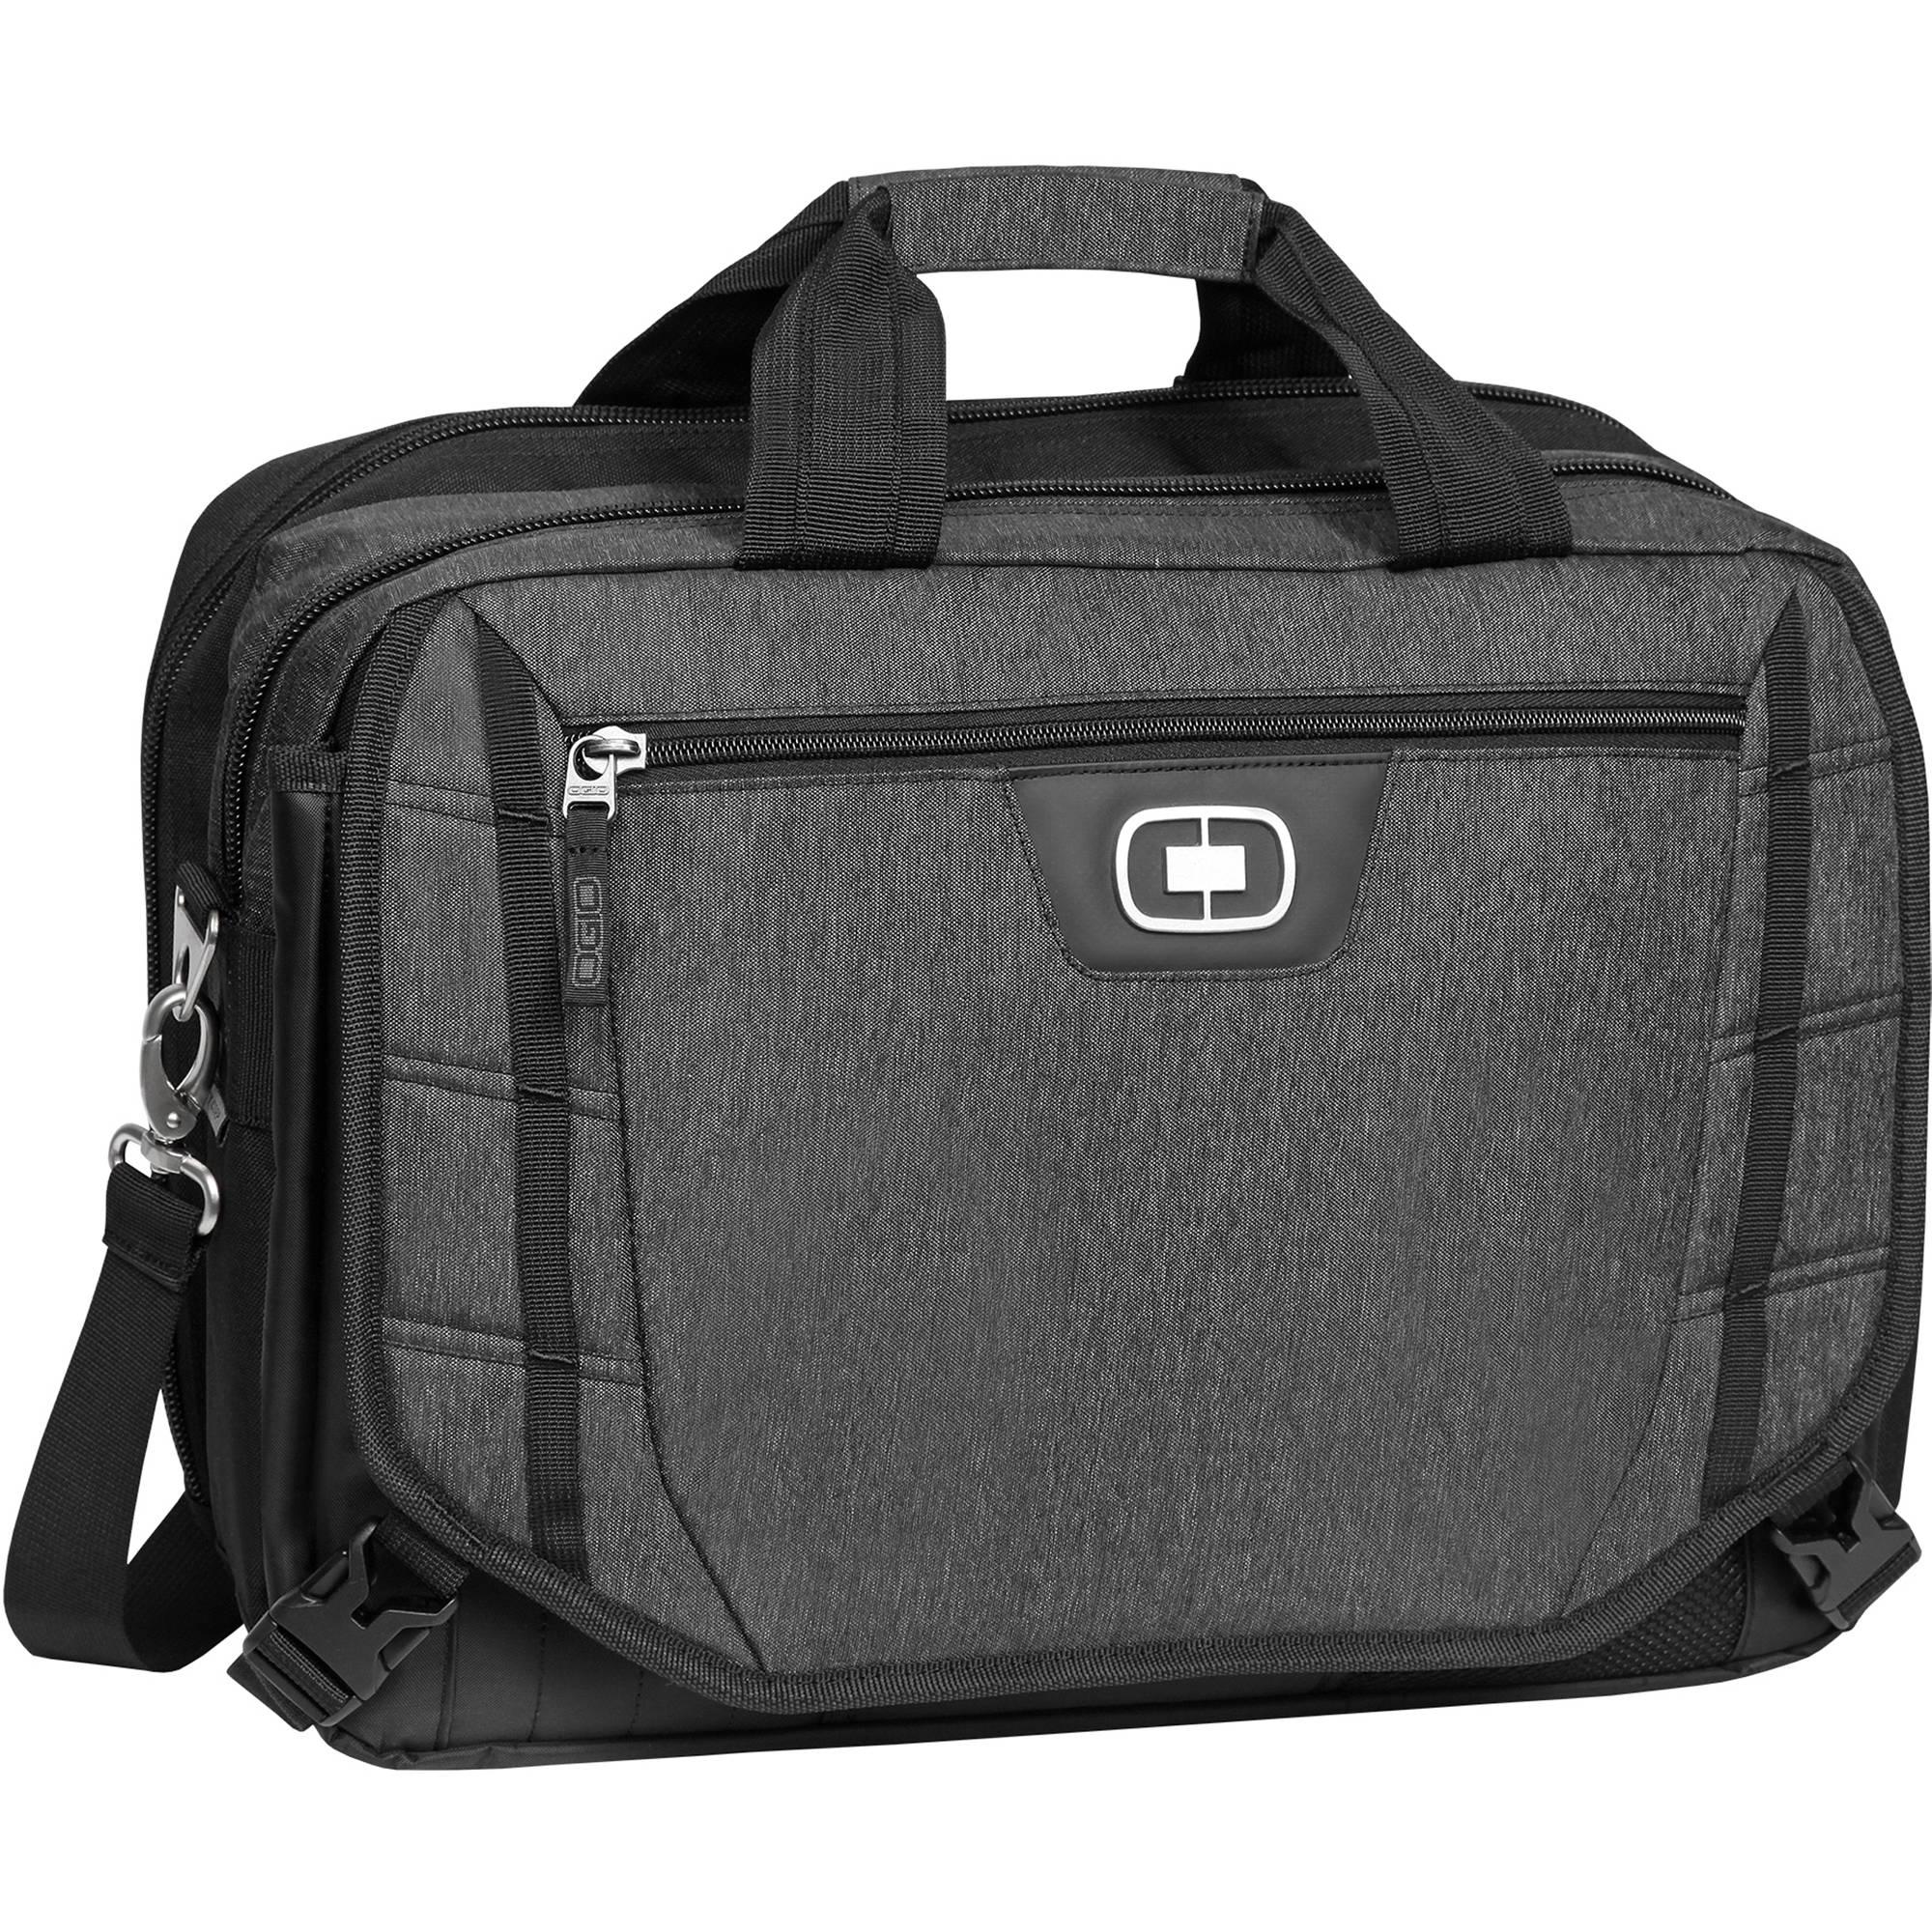 Ogio Circuit Tzm Messenger Bag For 15 Laptop Black Dark Static